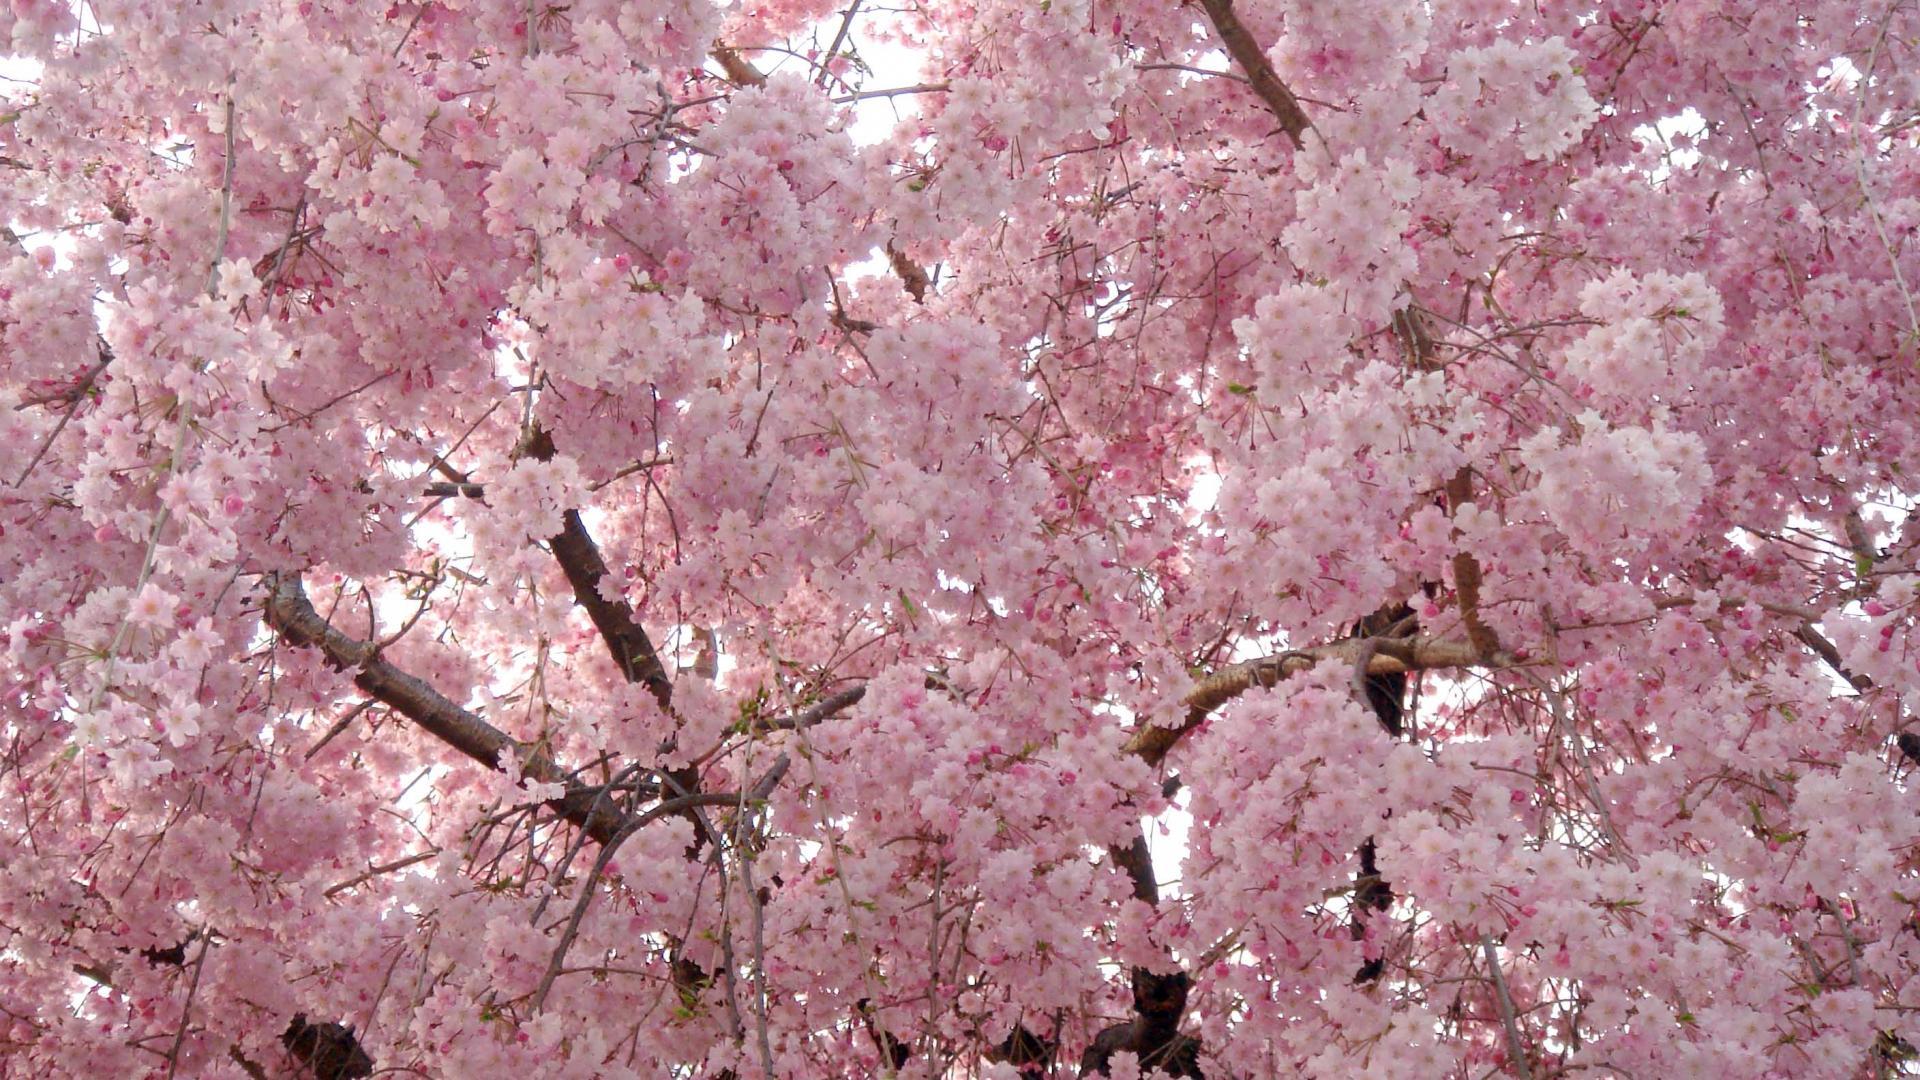 arbre-fleuri-photo-libre-utilisation-diffusion-interdite.jpg